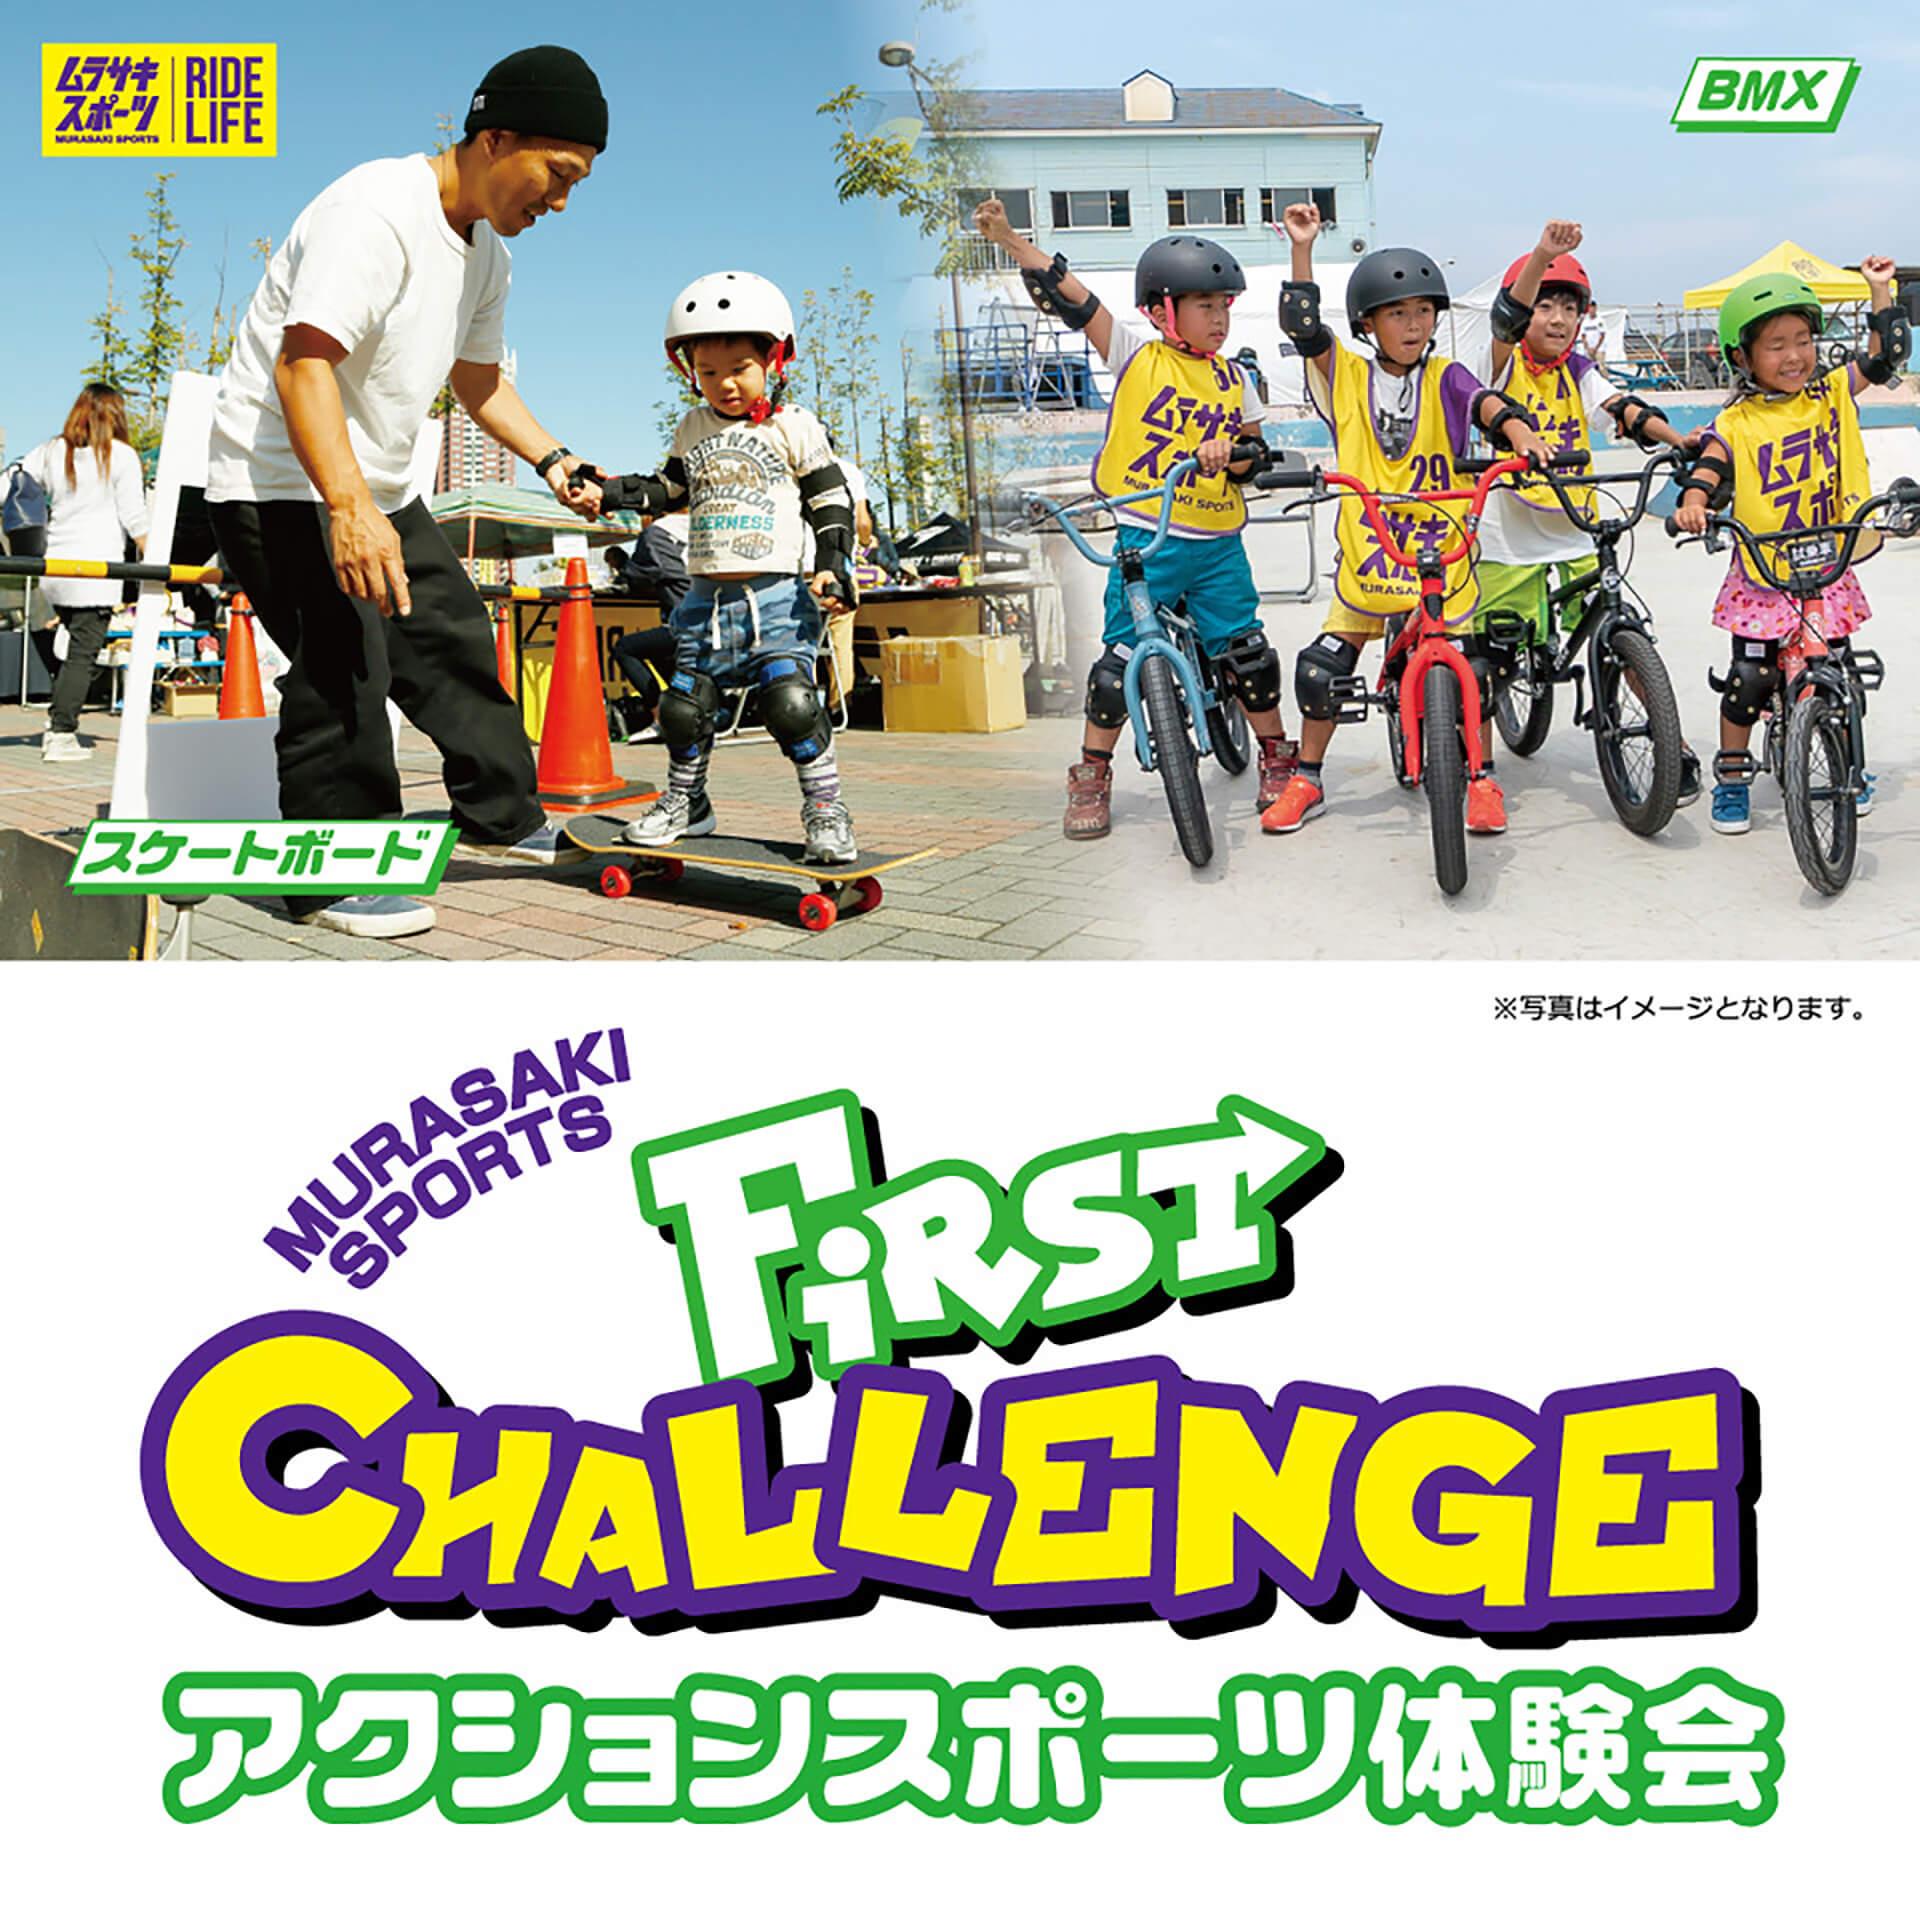 この写真はアクションスポーツの無料体験会「FIRST CHALLENGE」の告知ポスターです